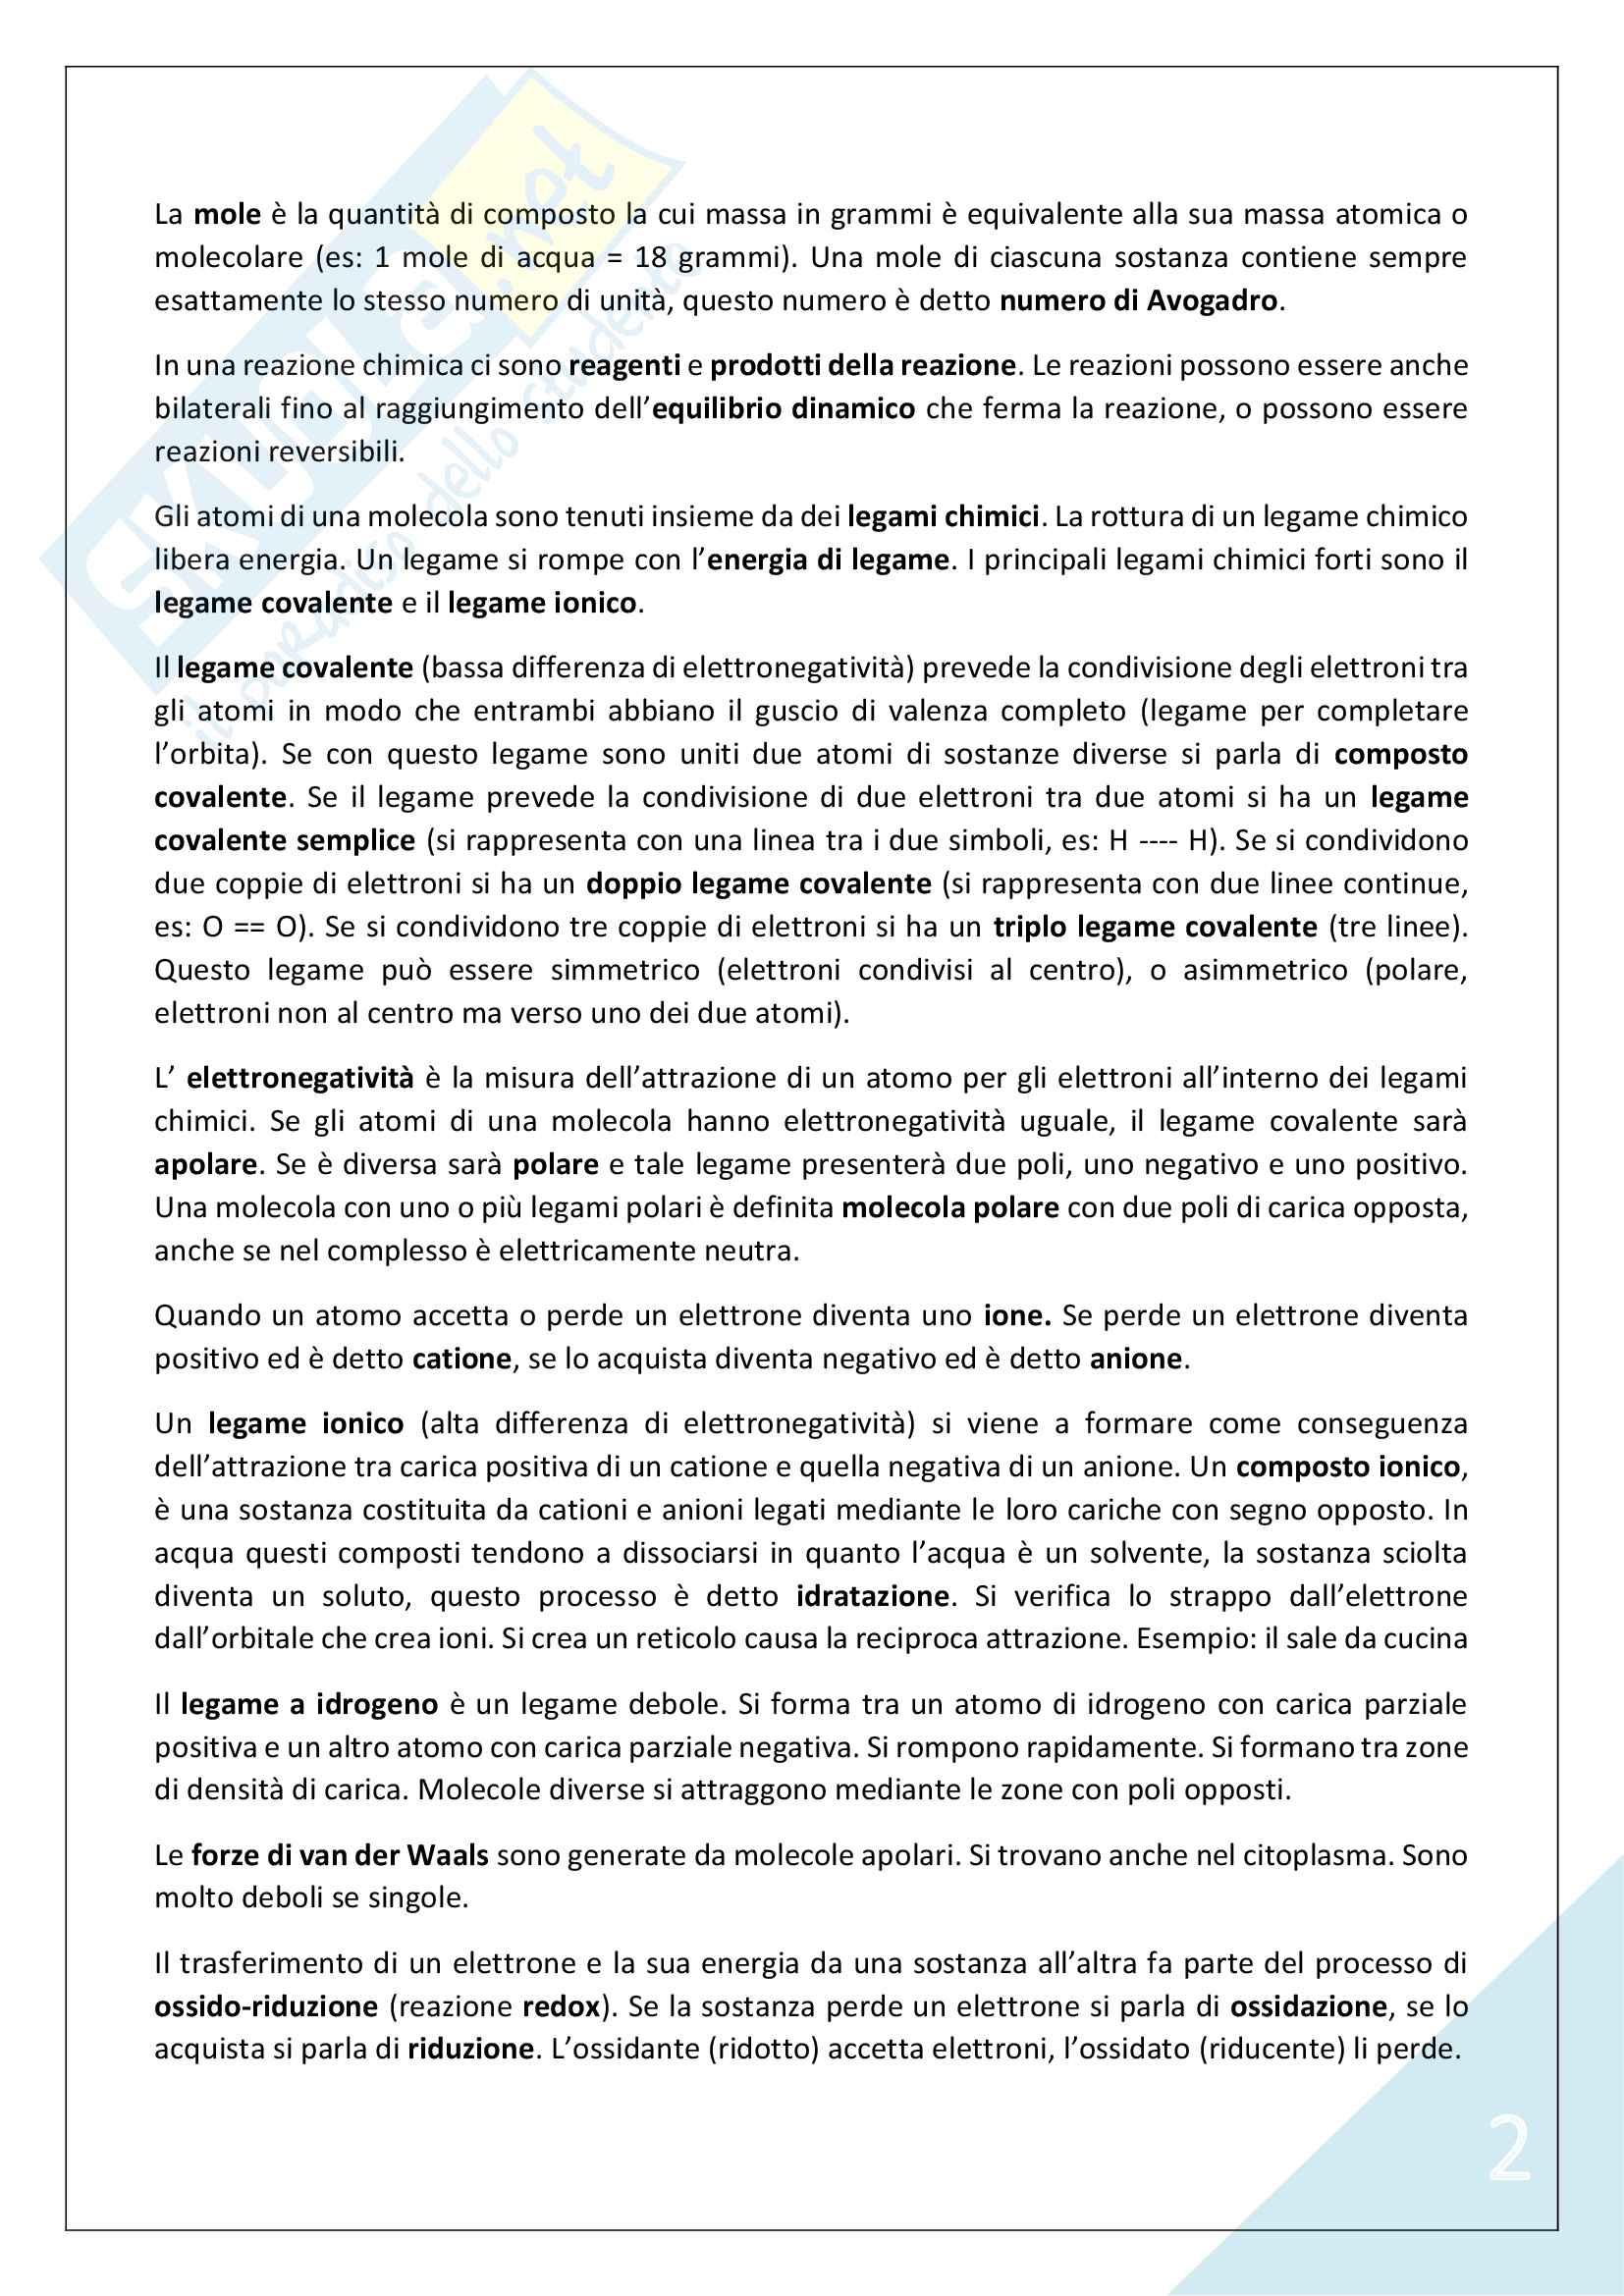 Biologia Applicata - 1° Anno Scienze Motorie Pag. 2